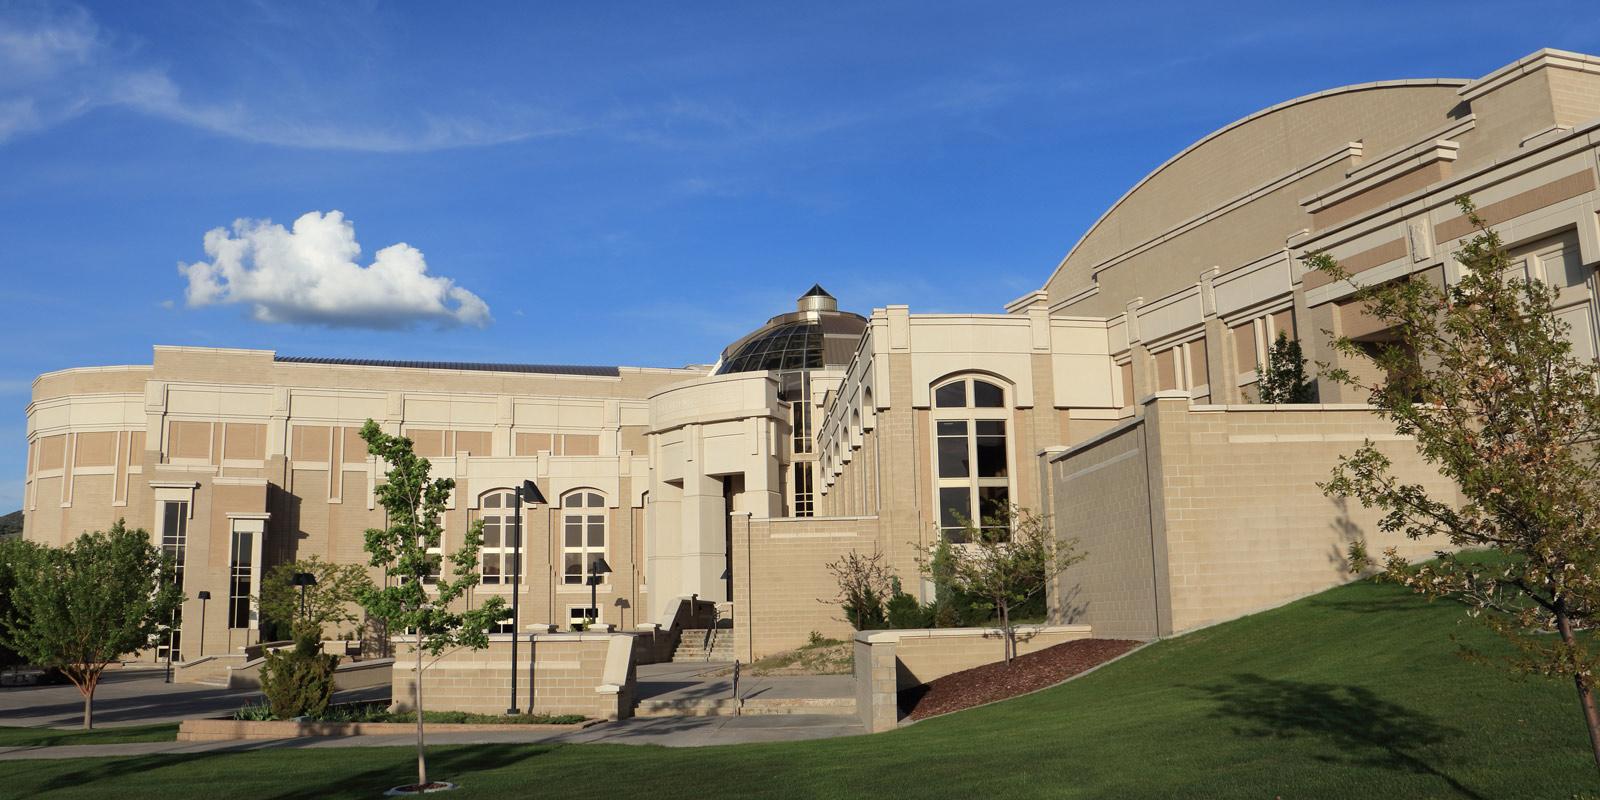 image: Stephens Performing Arts Center - ISU campus